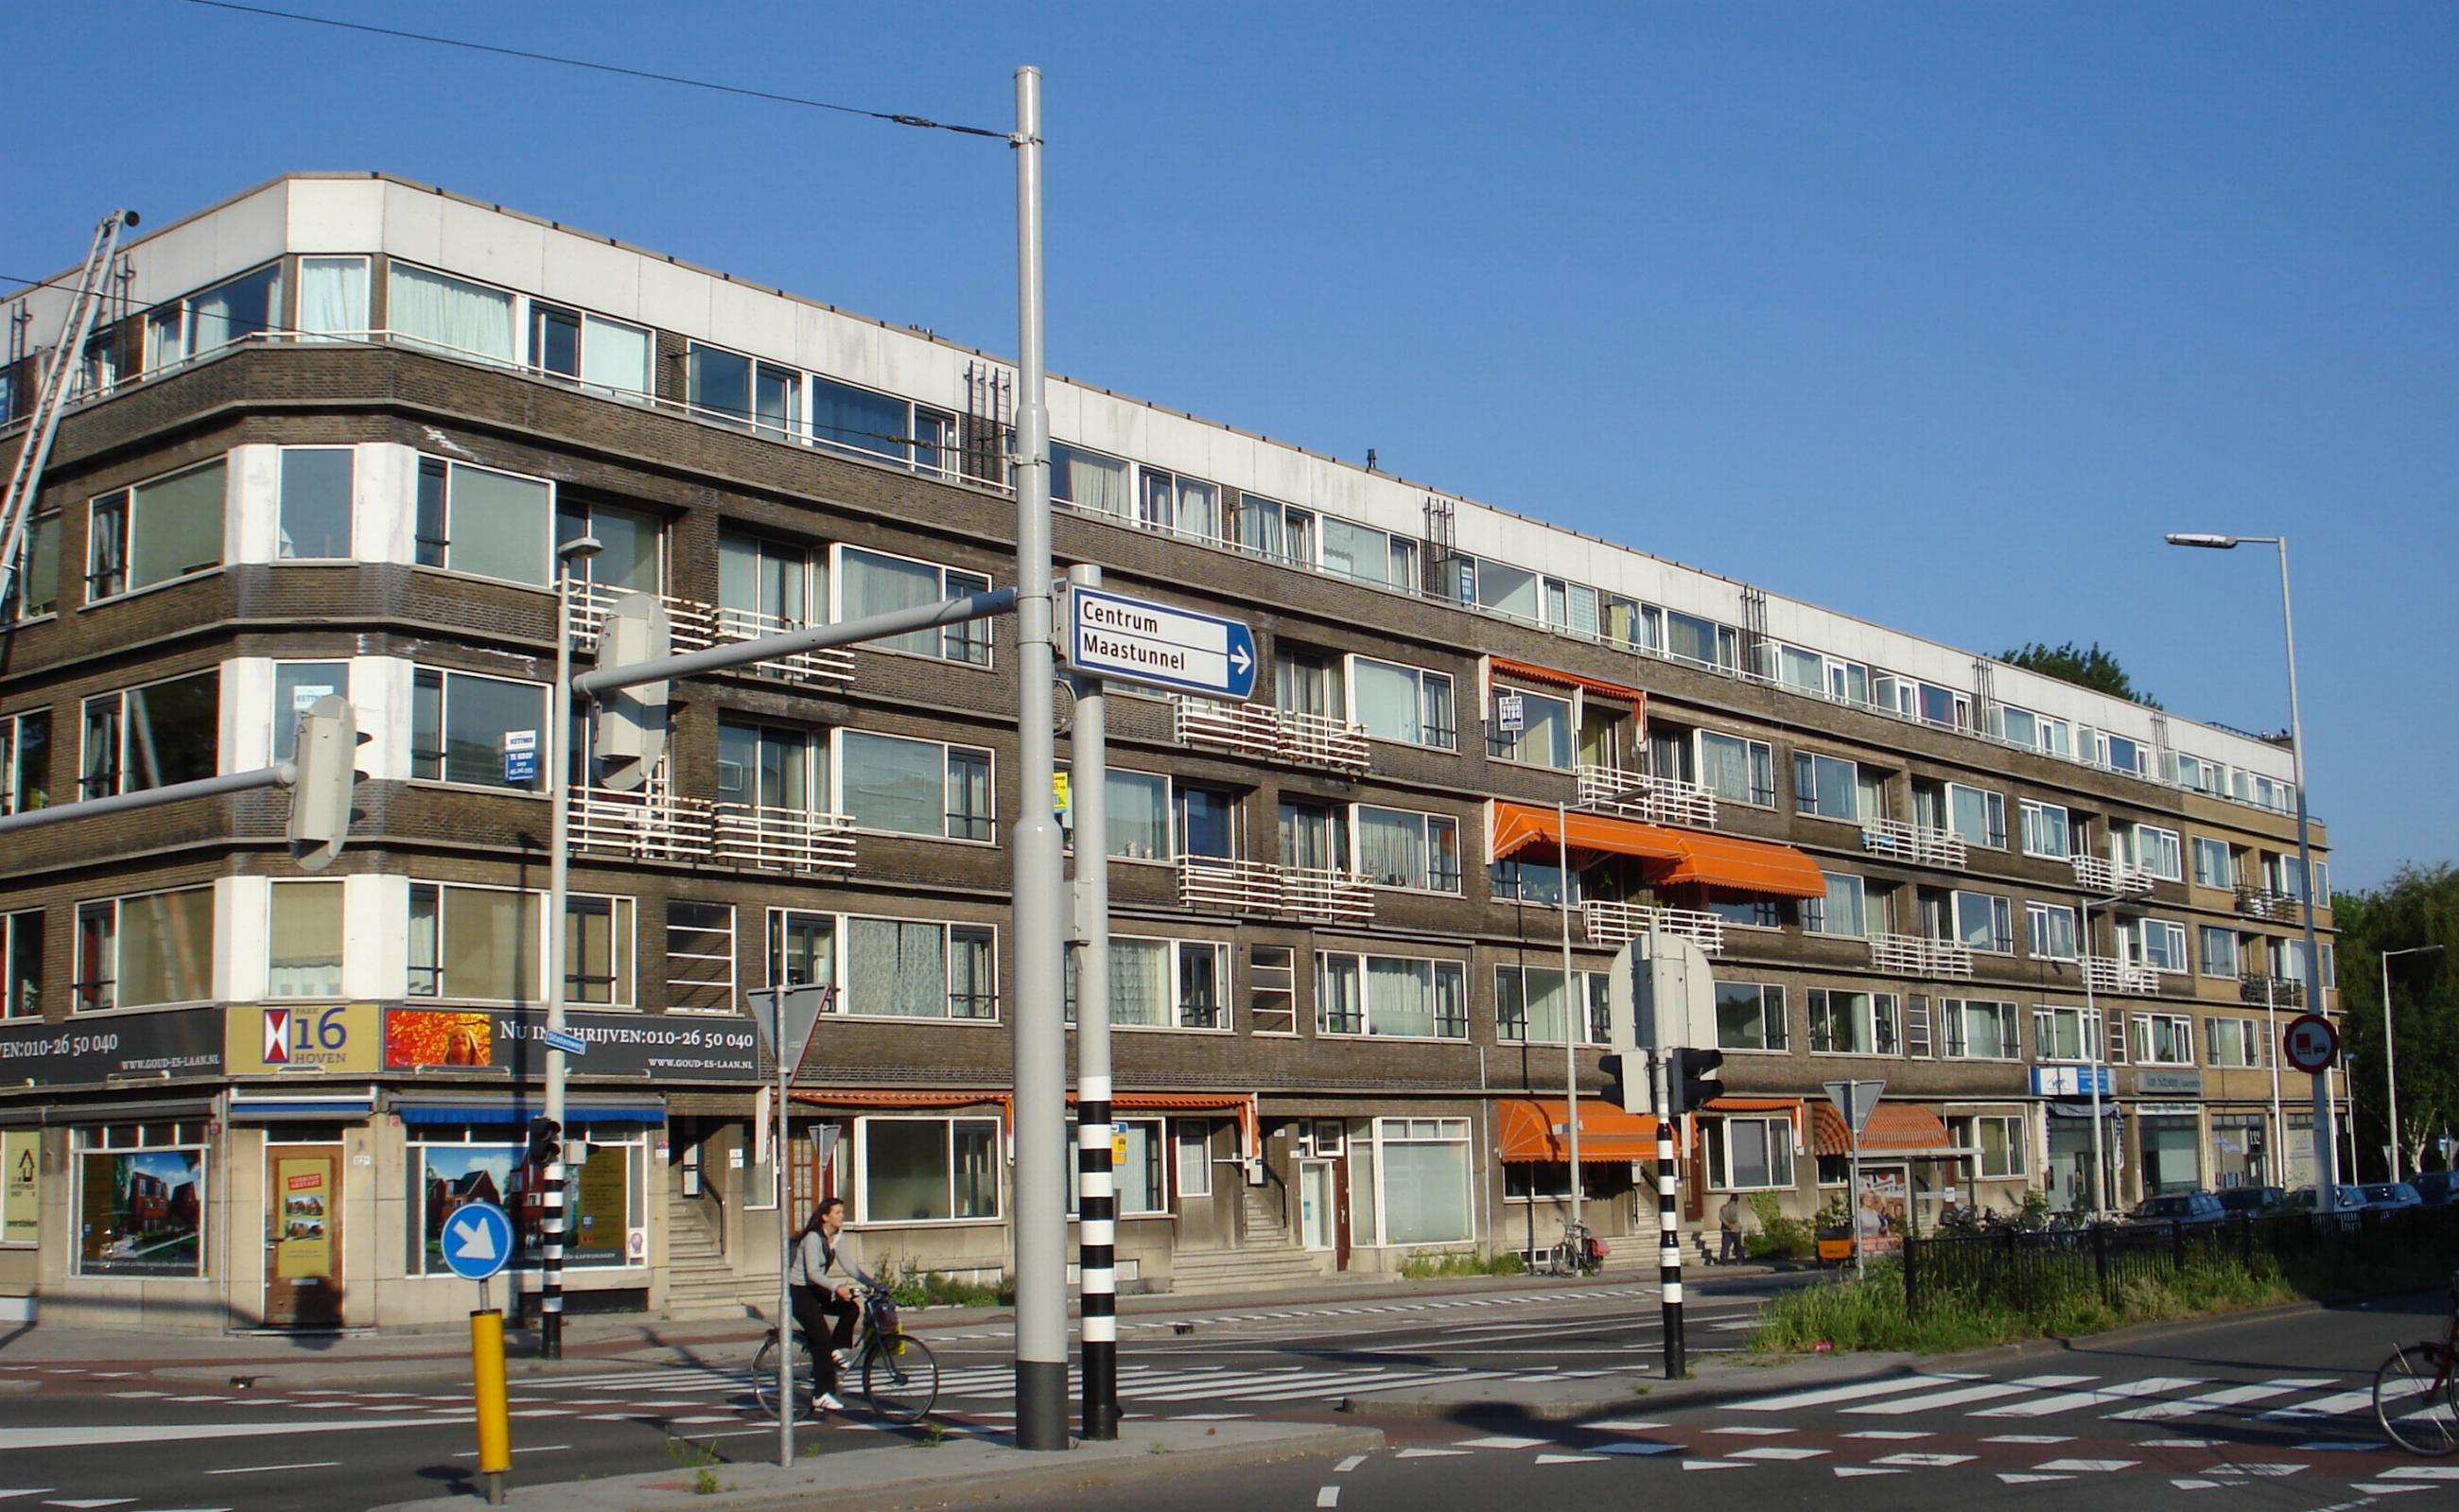 Blijdorp wijk for Wijk in rotterdam